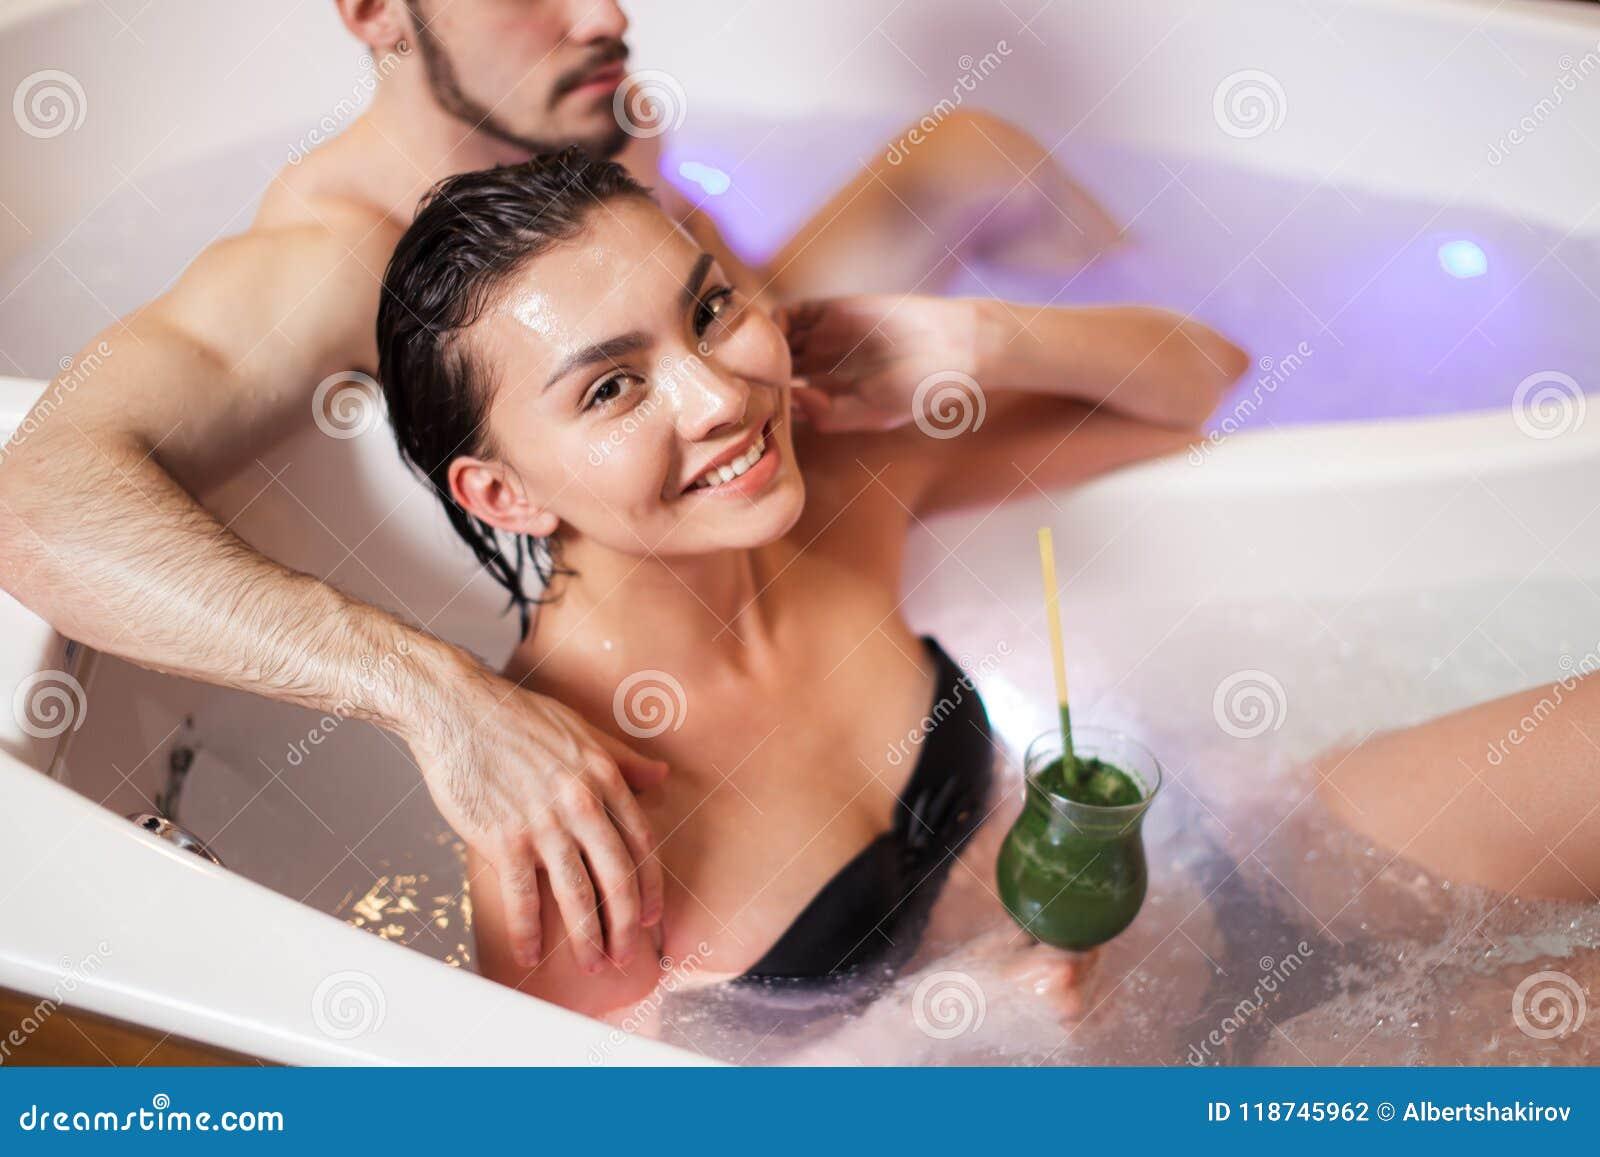 Smiling Asian Lady Enjoying Having Tube With Loving Guy